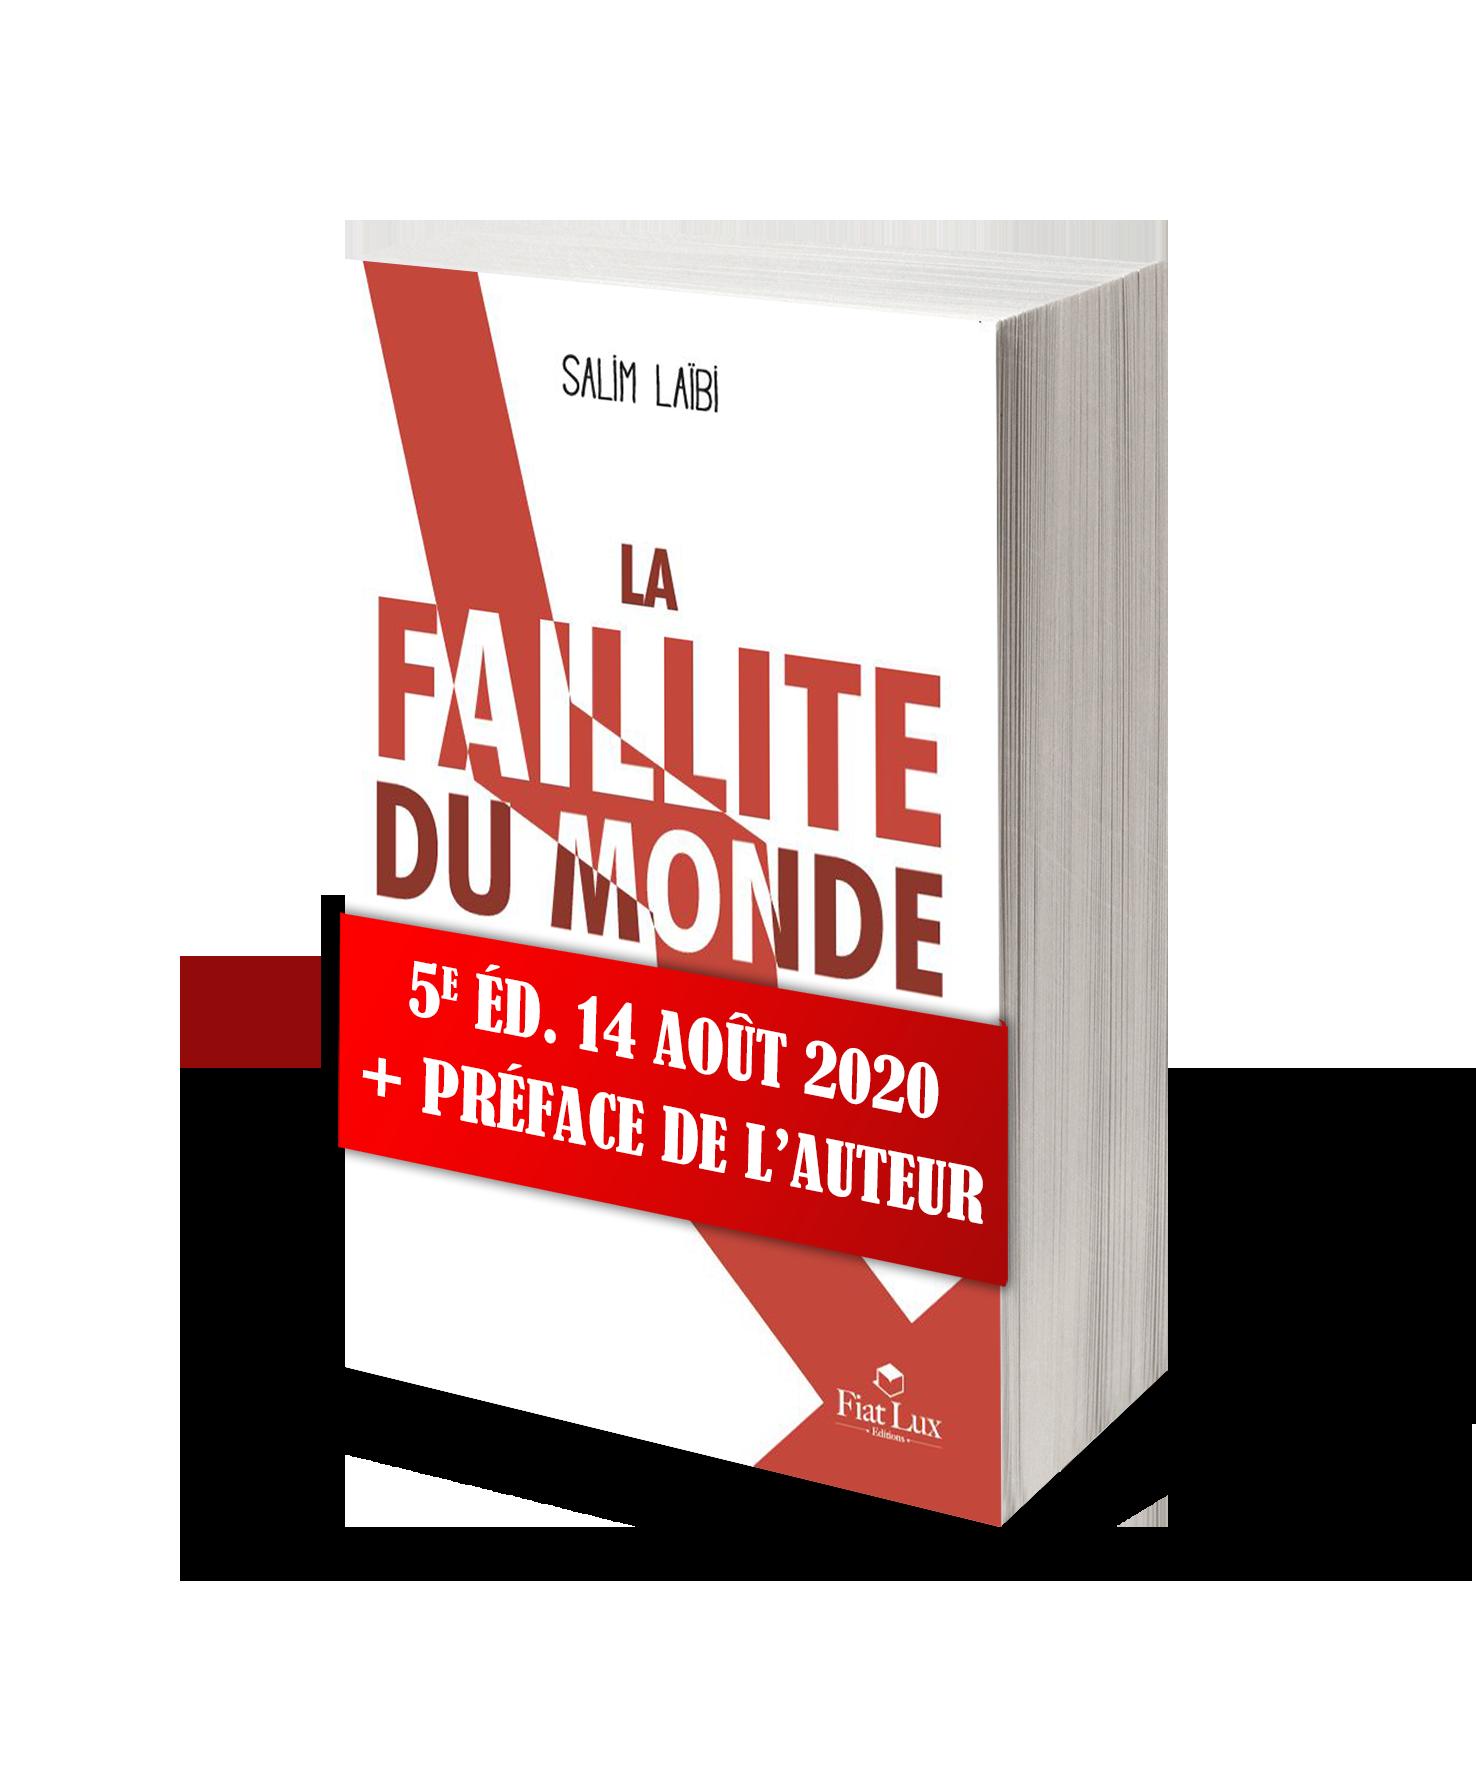 FMM-5e-édition-3D-bandeau-rouge